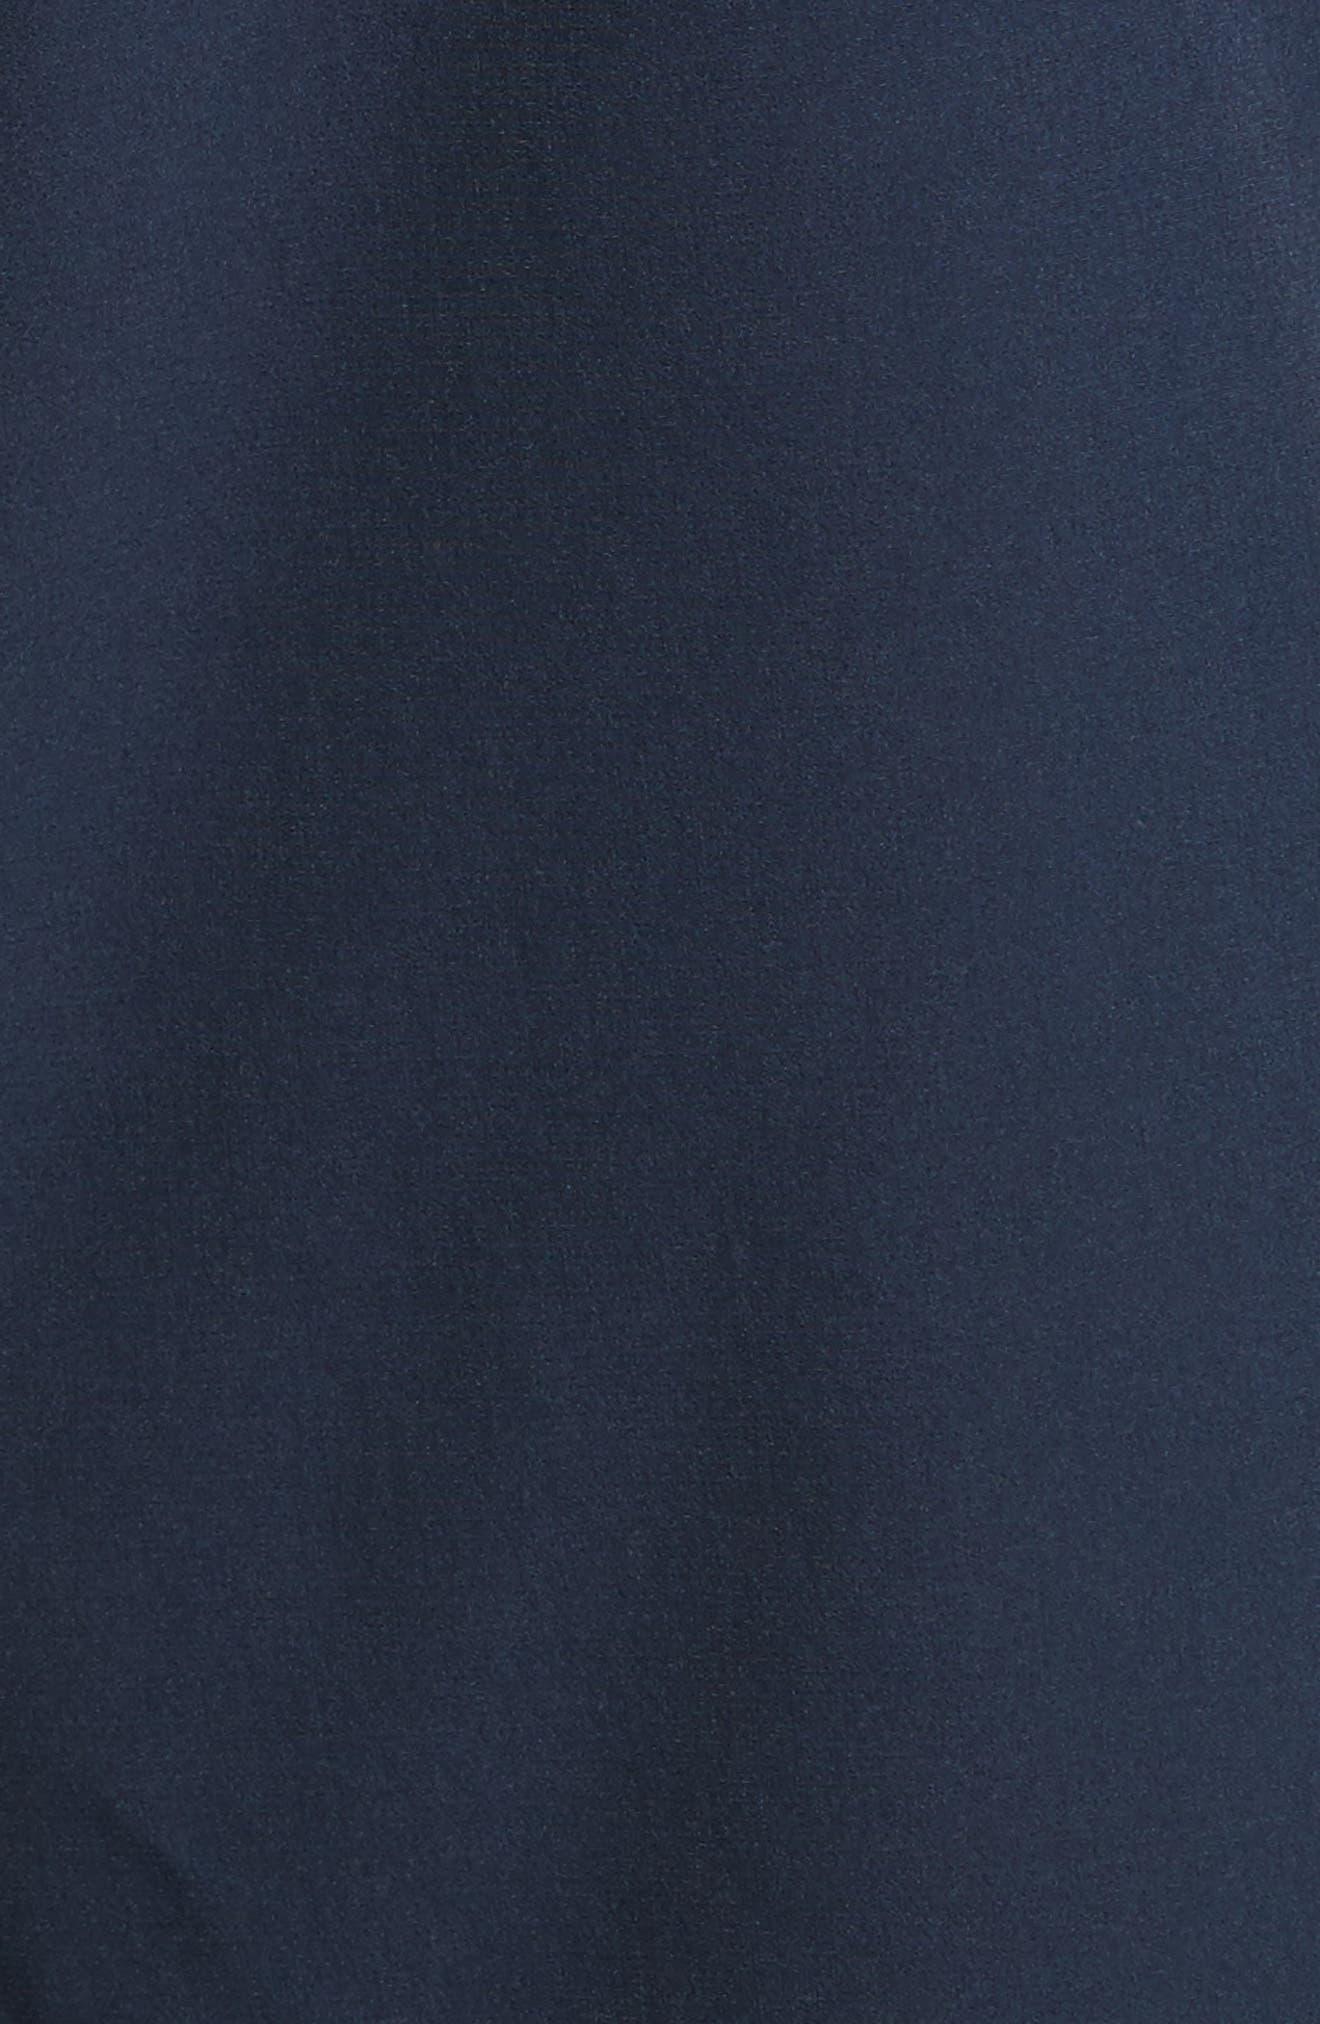 Calder Swim Trunks,                             Alternate thumbnail 5, color,                             DEEP NAVY